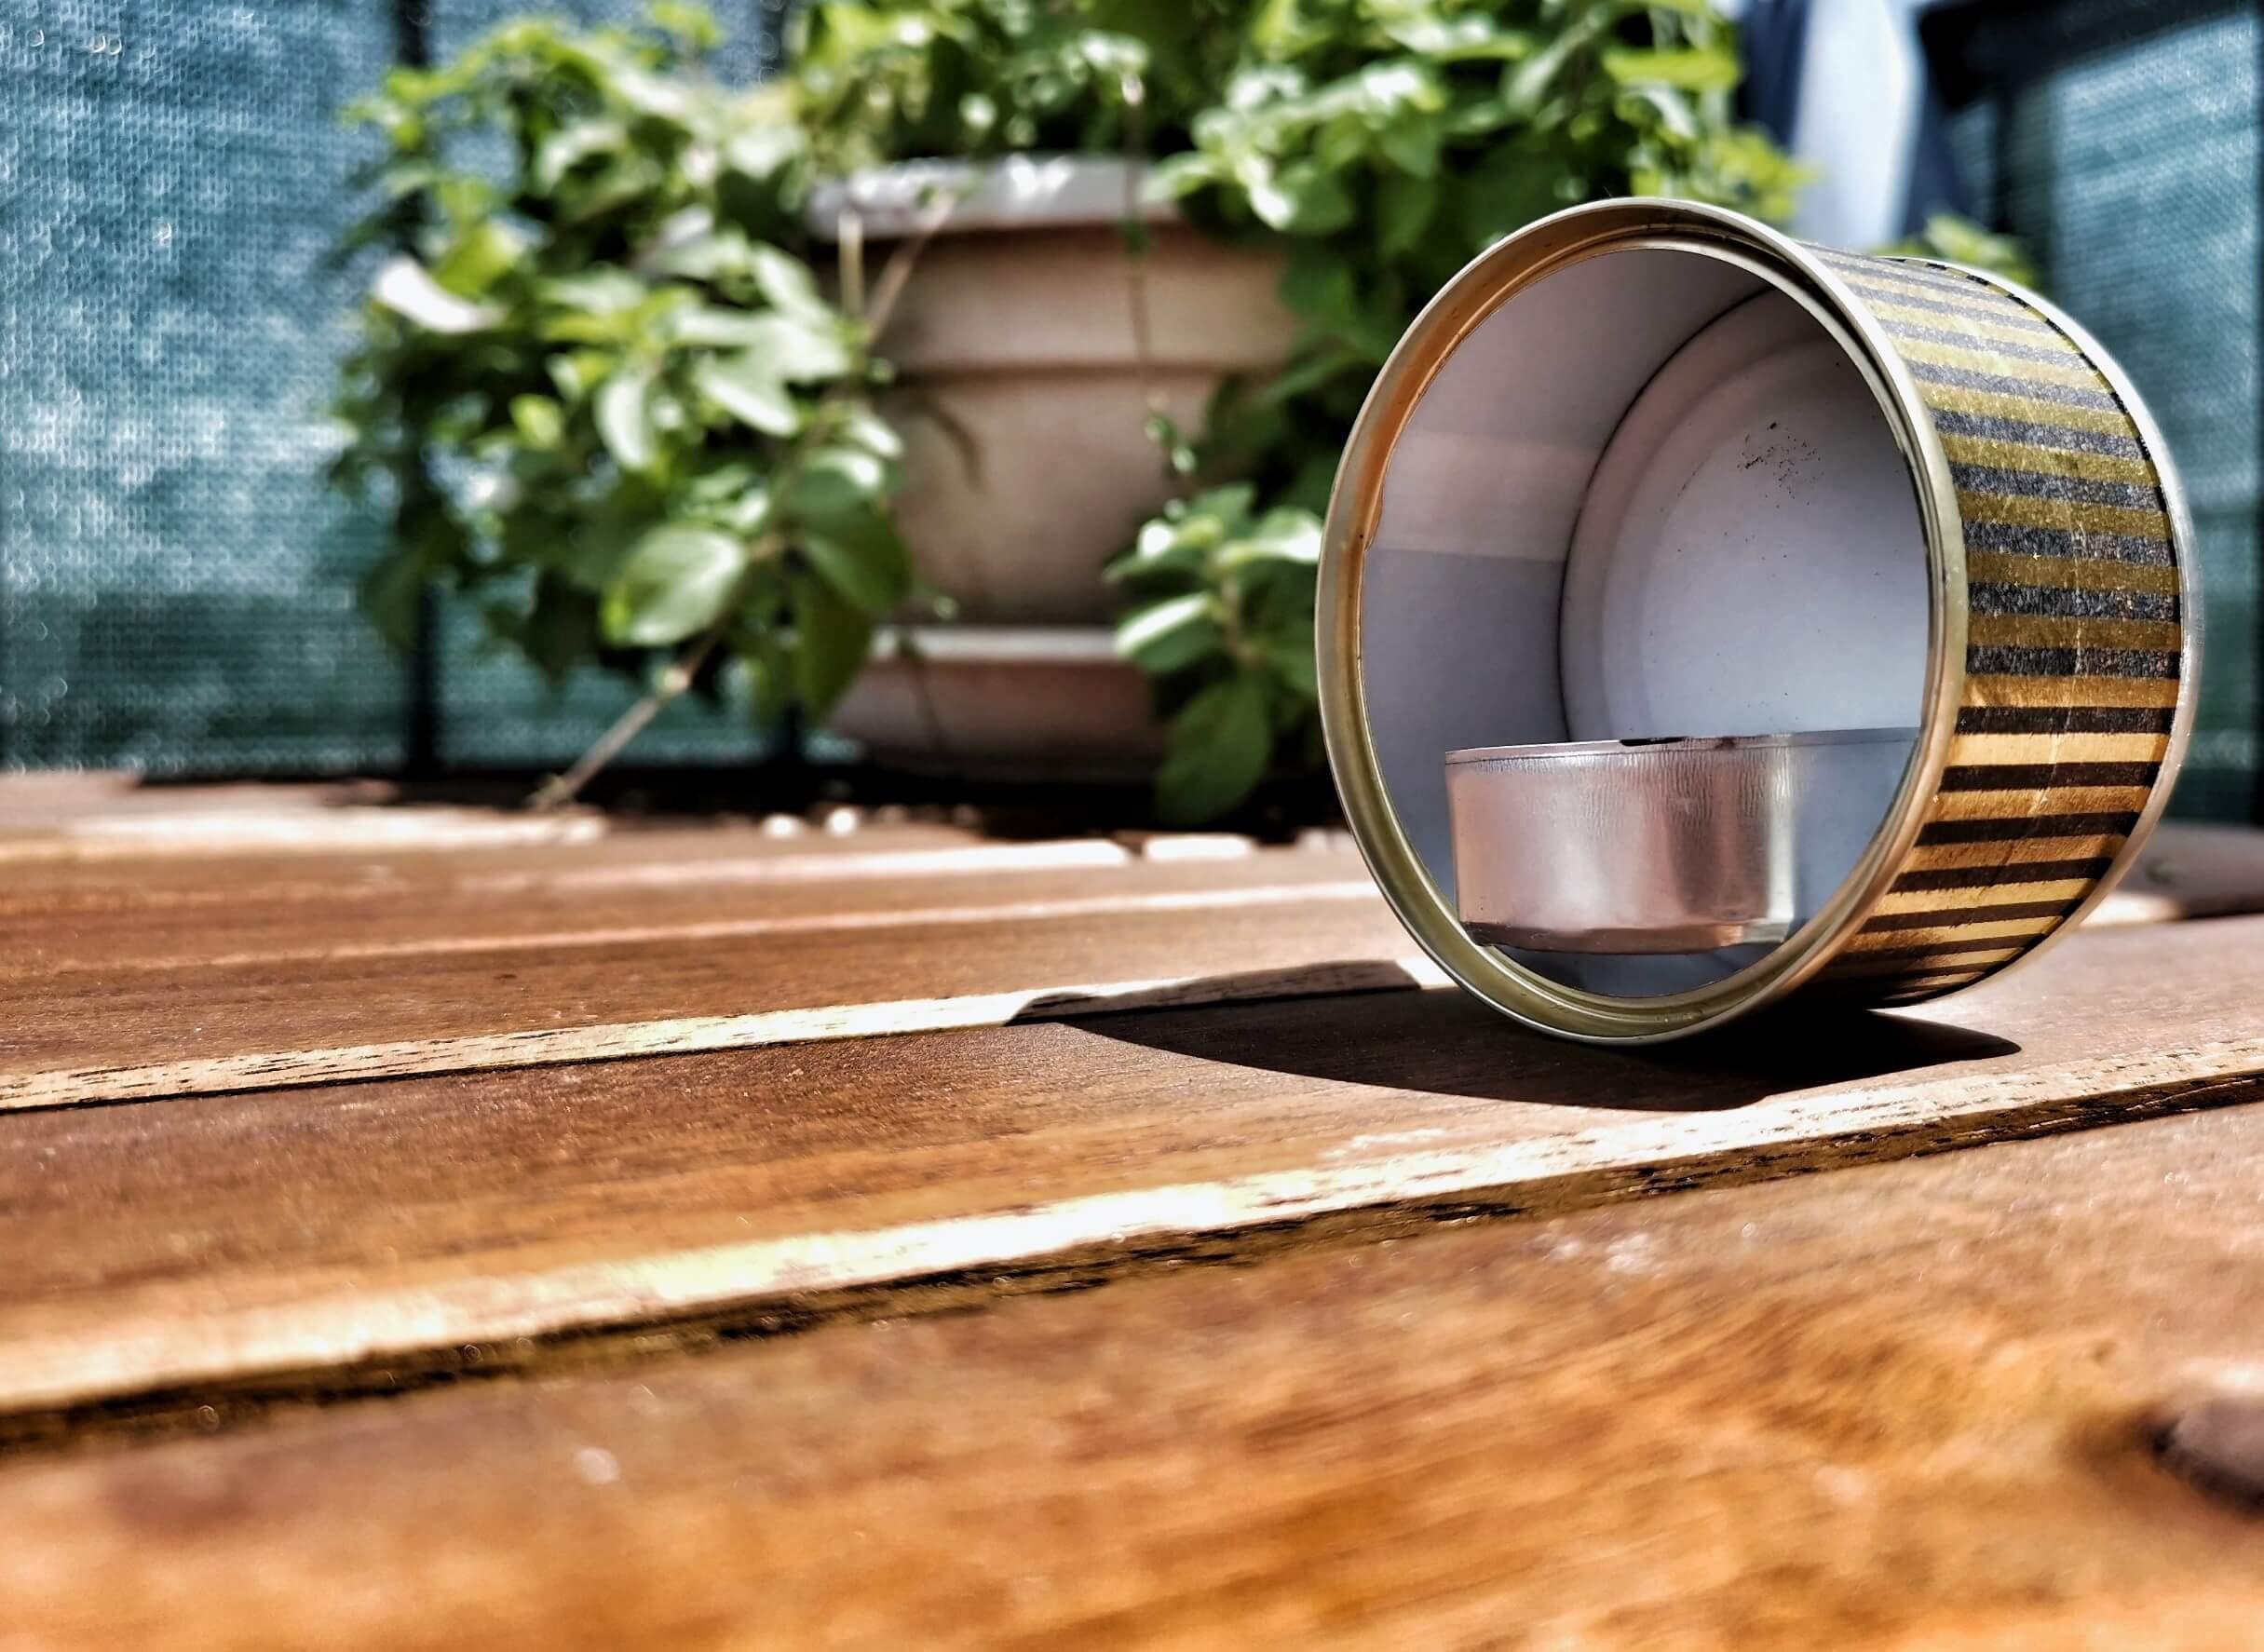 IMG 20190610 113211 01 resized 20190630 060258396 - Mit diesen Ideen wird euer Balkon zu einem Hingucker